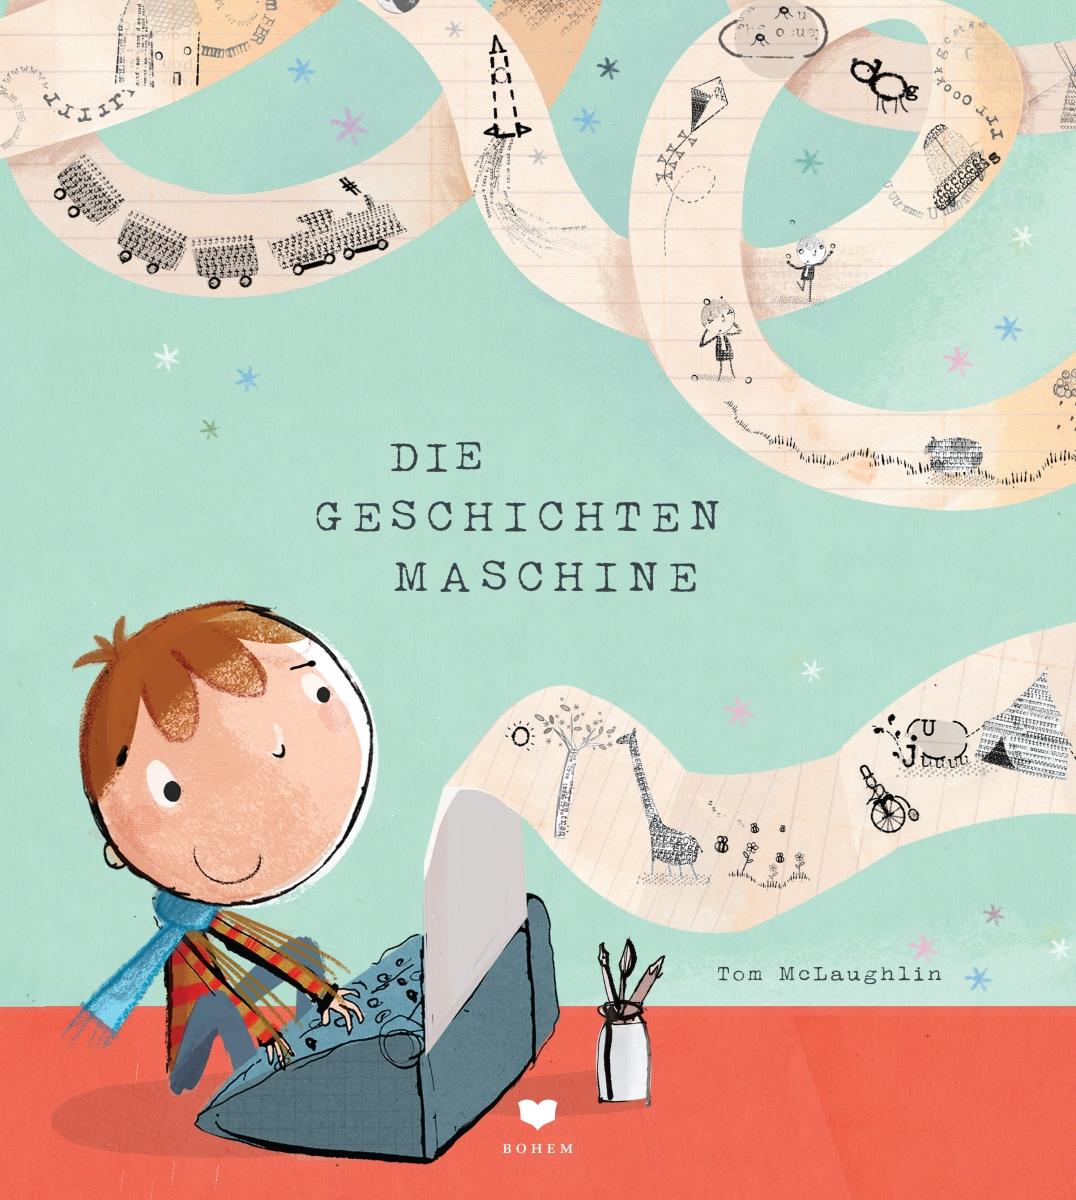 Die Geschichtenmaschine Book Cover